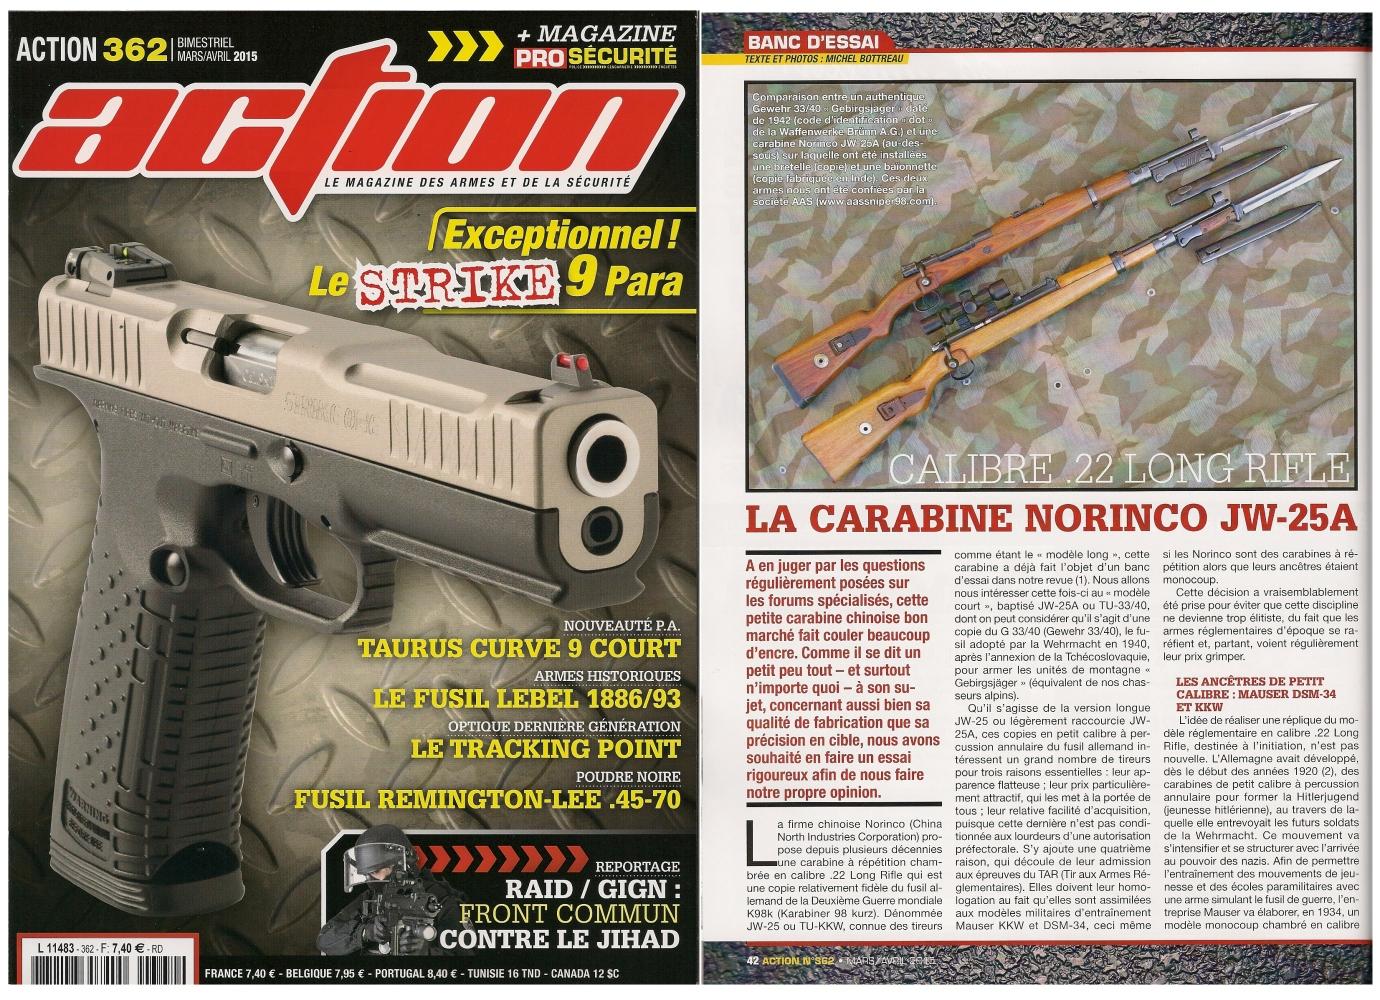 Le banc d'essai de la carabine Norinco JW-25A a été publié sur 6 pages dans le magazine Action n°362 (mars/avril 2015)